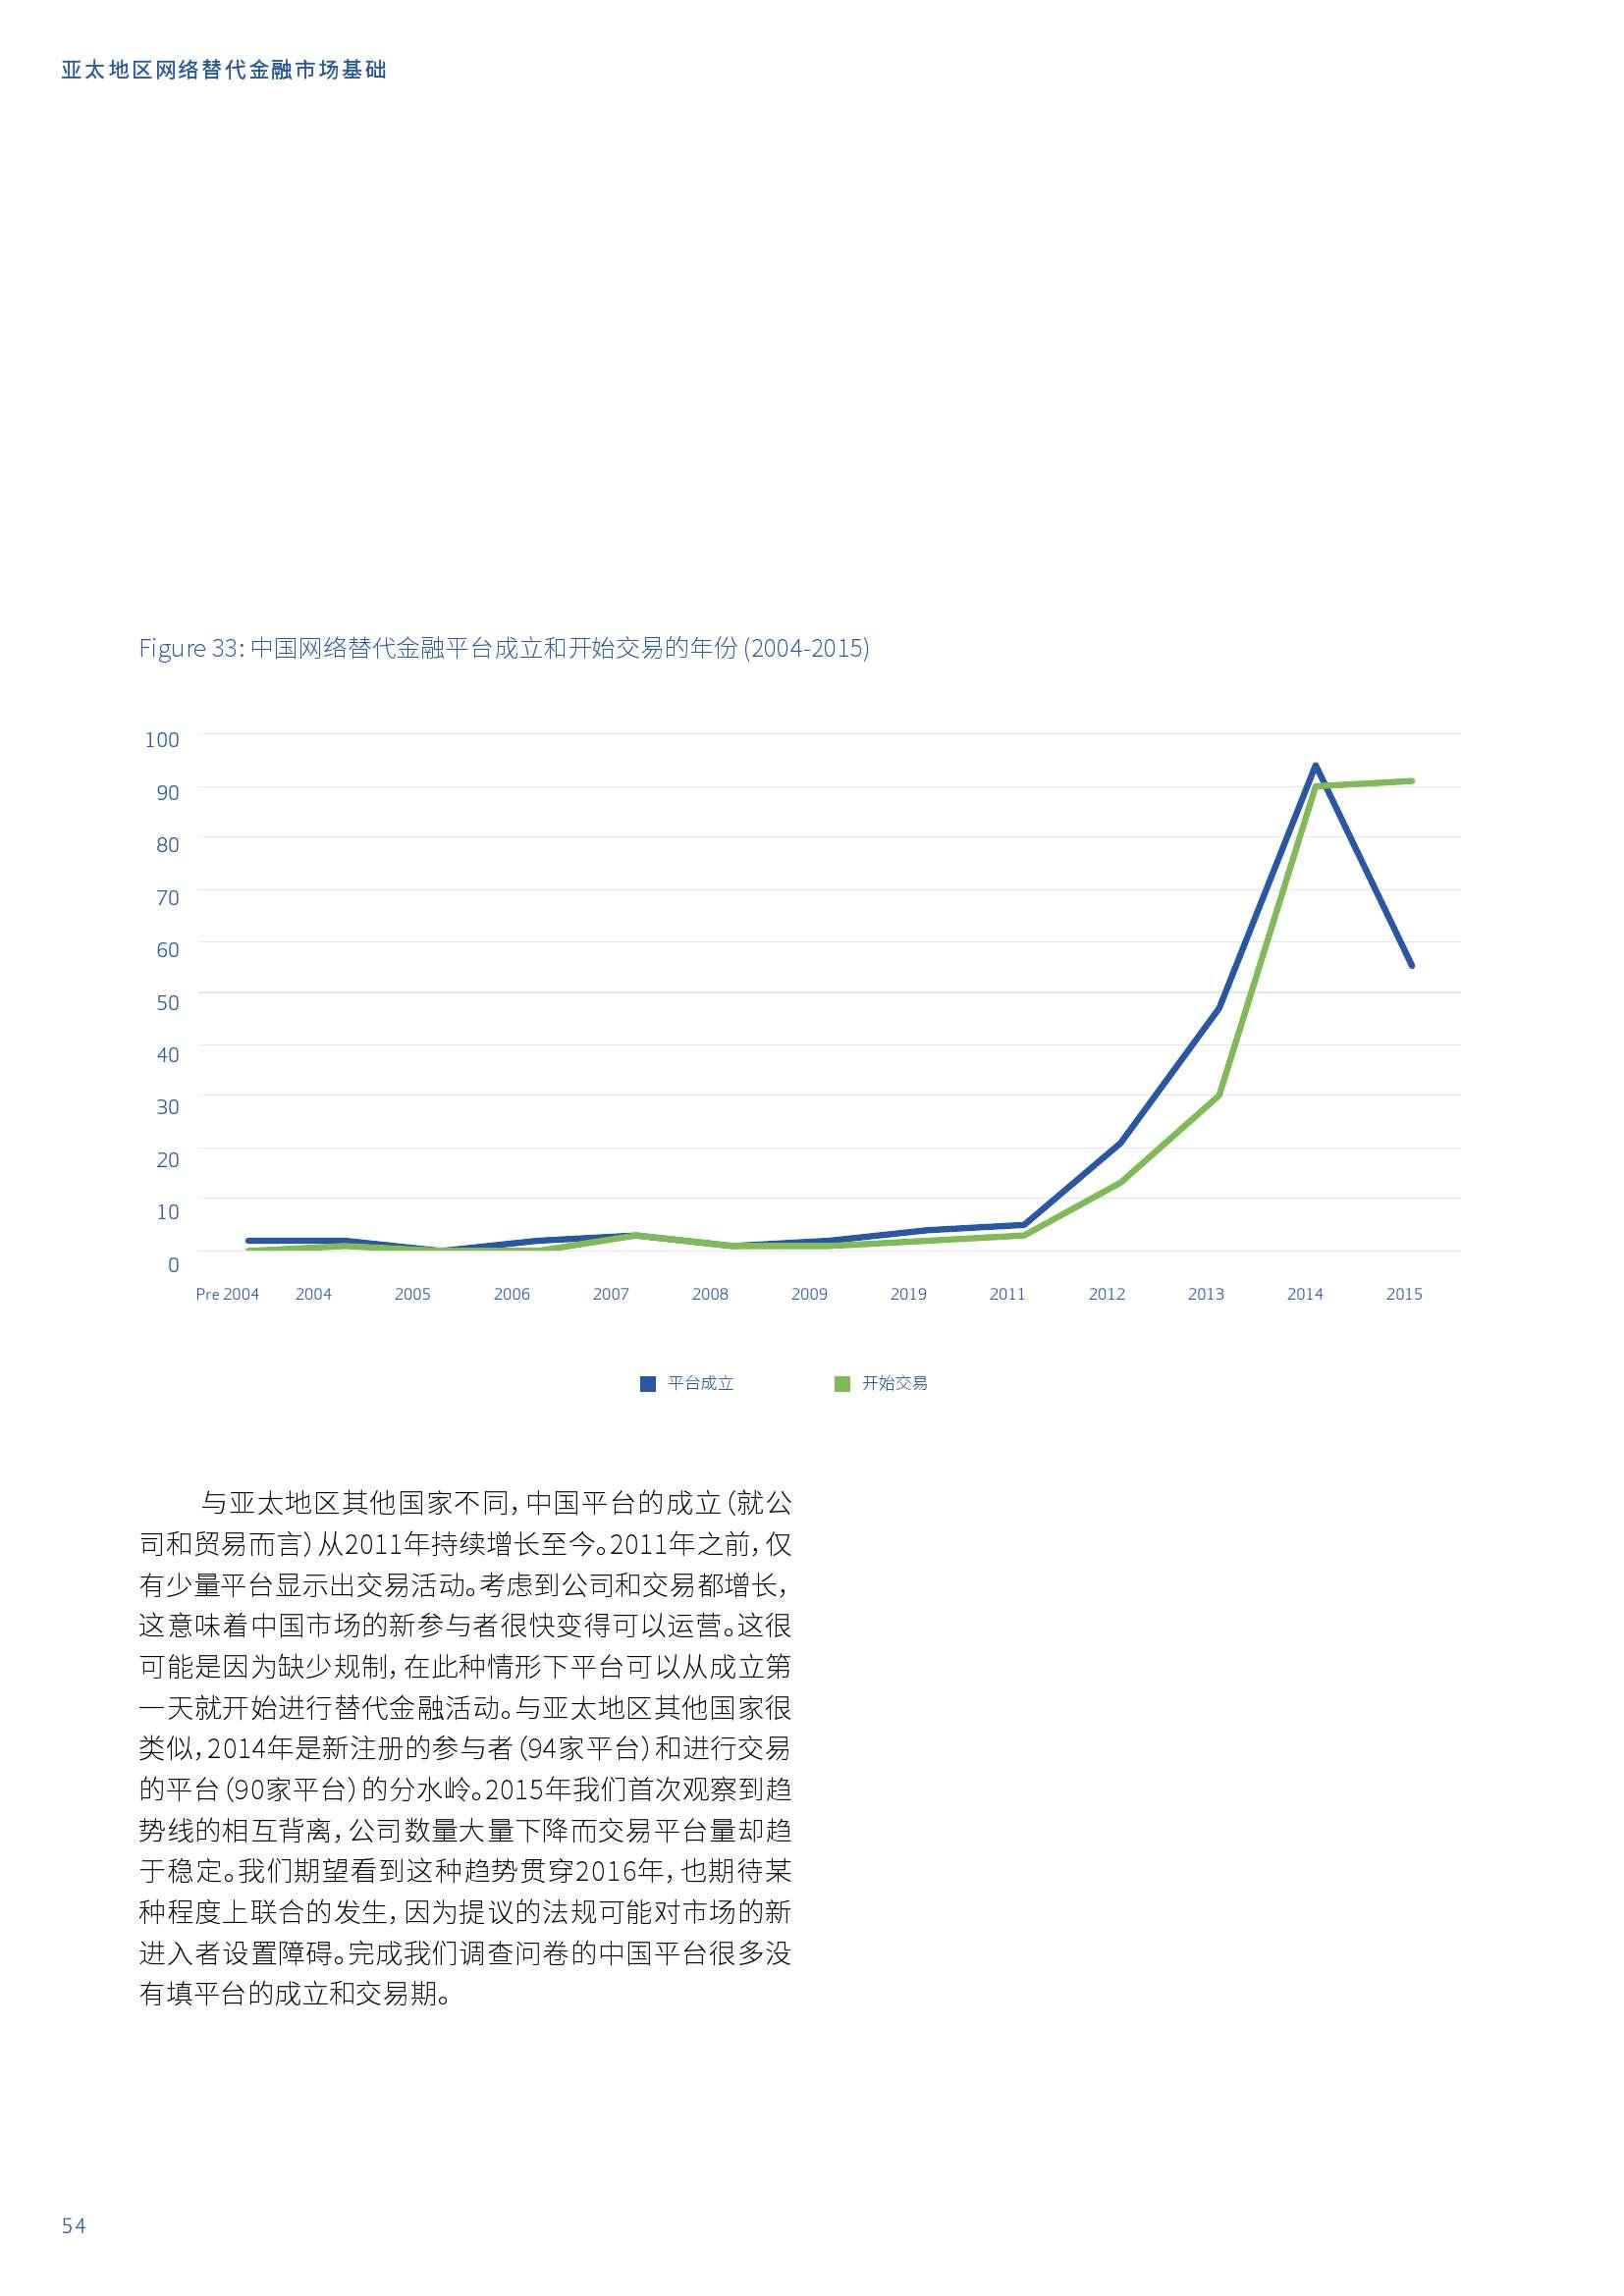 亚太地区网络替代金融基准报告_000054